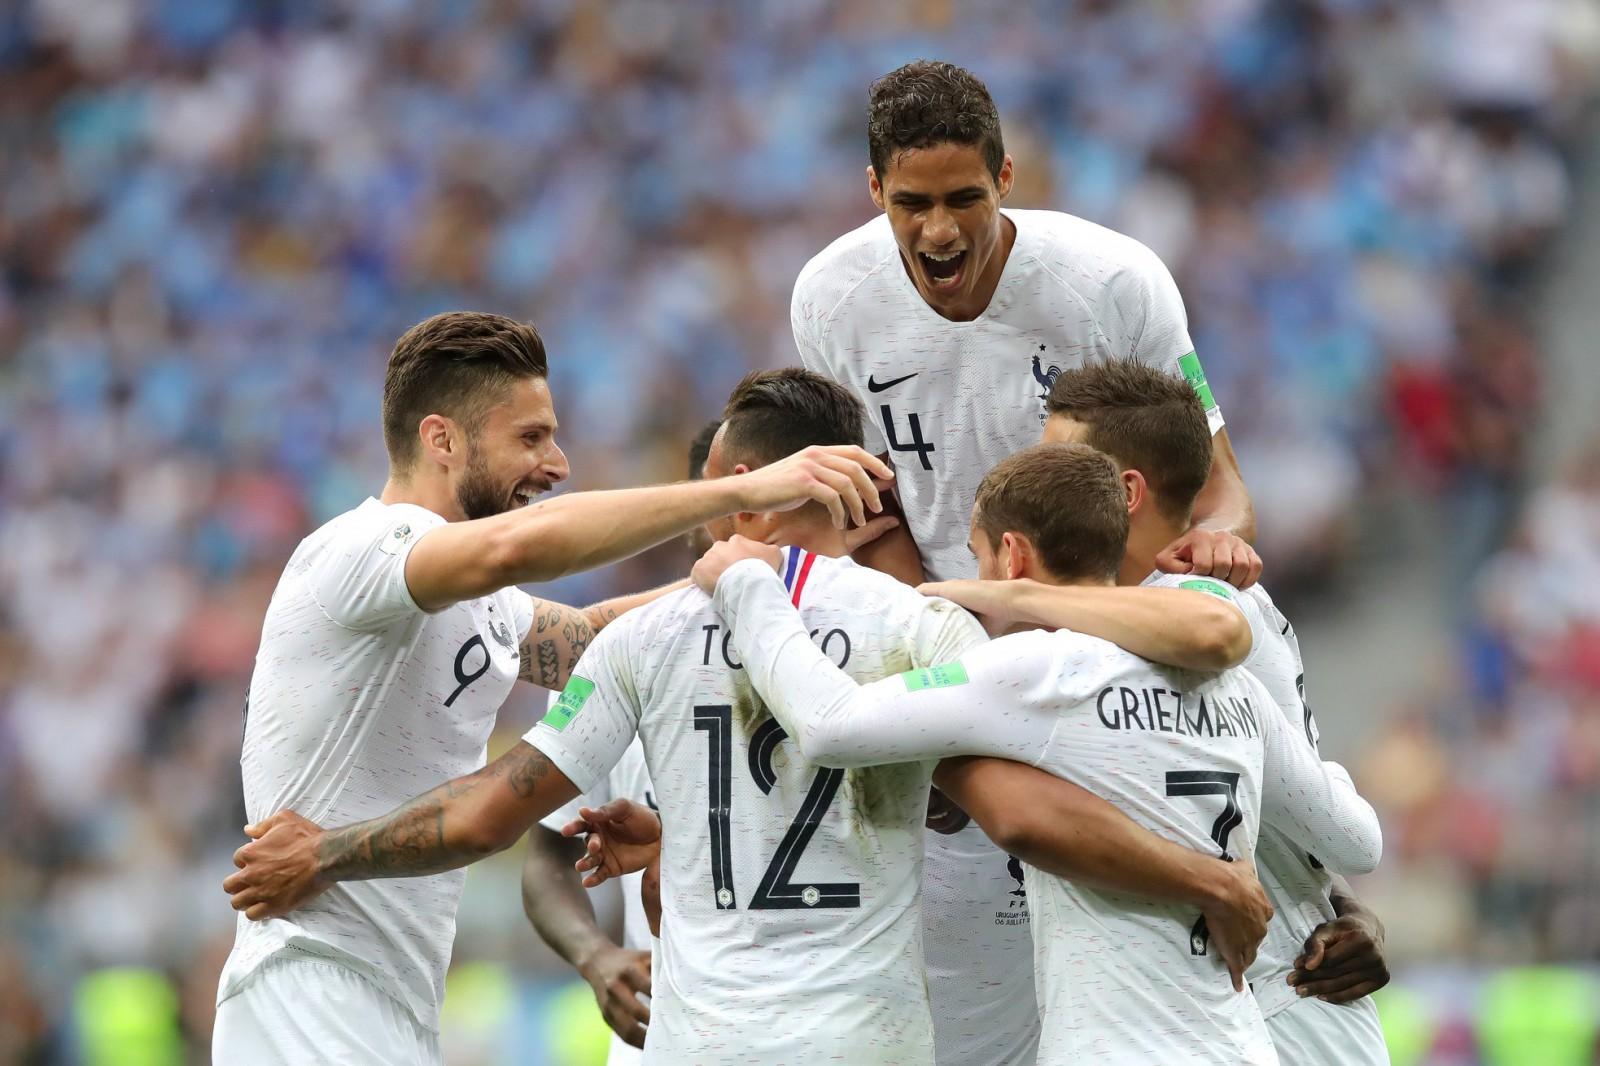 Franța 2-0 Uruguay: Les Bleus s-au calificat pentru a șasea oară în semifinalele Campionatului Mondial de Fotbal